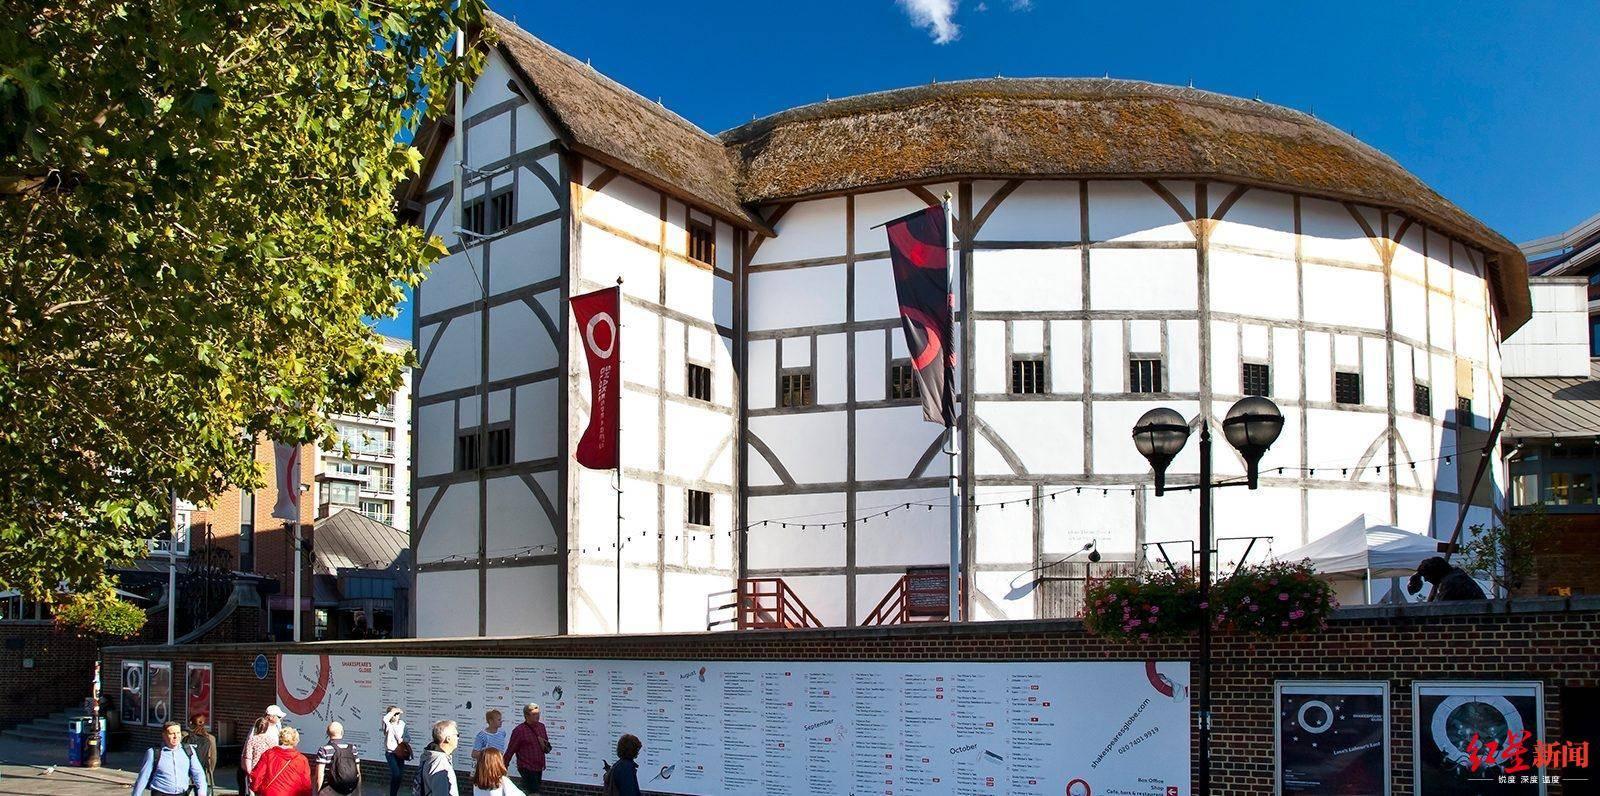 为避免破产,英国莎士比亚环球剧院做了这件事……_中欧新闻_欧洲中文网